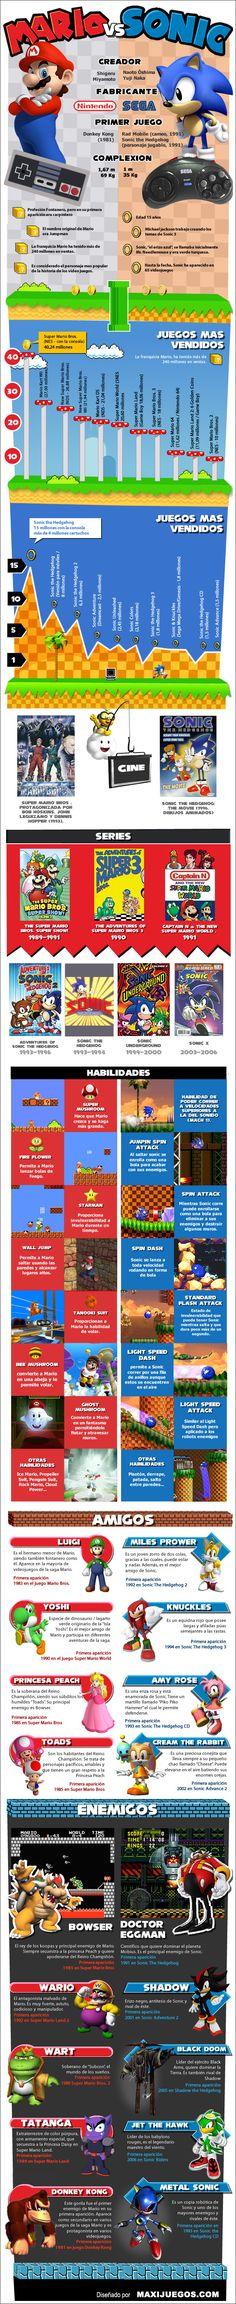 Mario y Sonic son probablemente los personajes de videjuegos más conocidos del mundo de las consolas. El plomero / fontanero de bigotes nació en 1981 para el juego Donkey Kong de Nintendo. El erizo azul es producto de Sega y tuvo su estreno 10 años después en Sonic The Hedgehog. Ambos tuvieron películas, series y marcaron a una generación en los juegos de plataformas. Eso sí, Mario vendió más del doble de juegos que su competidor.